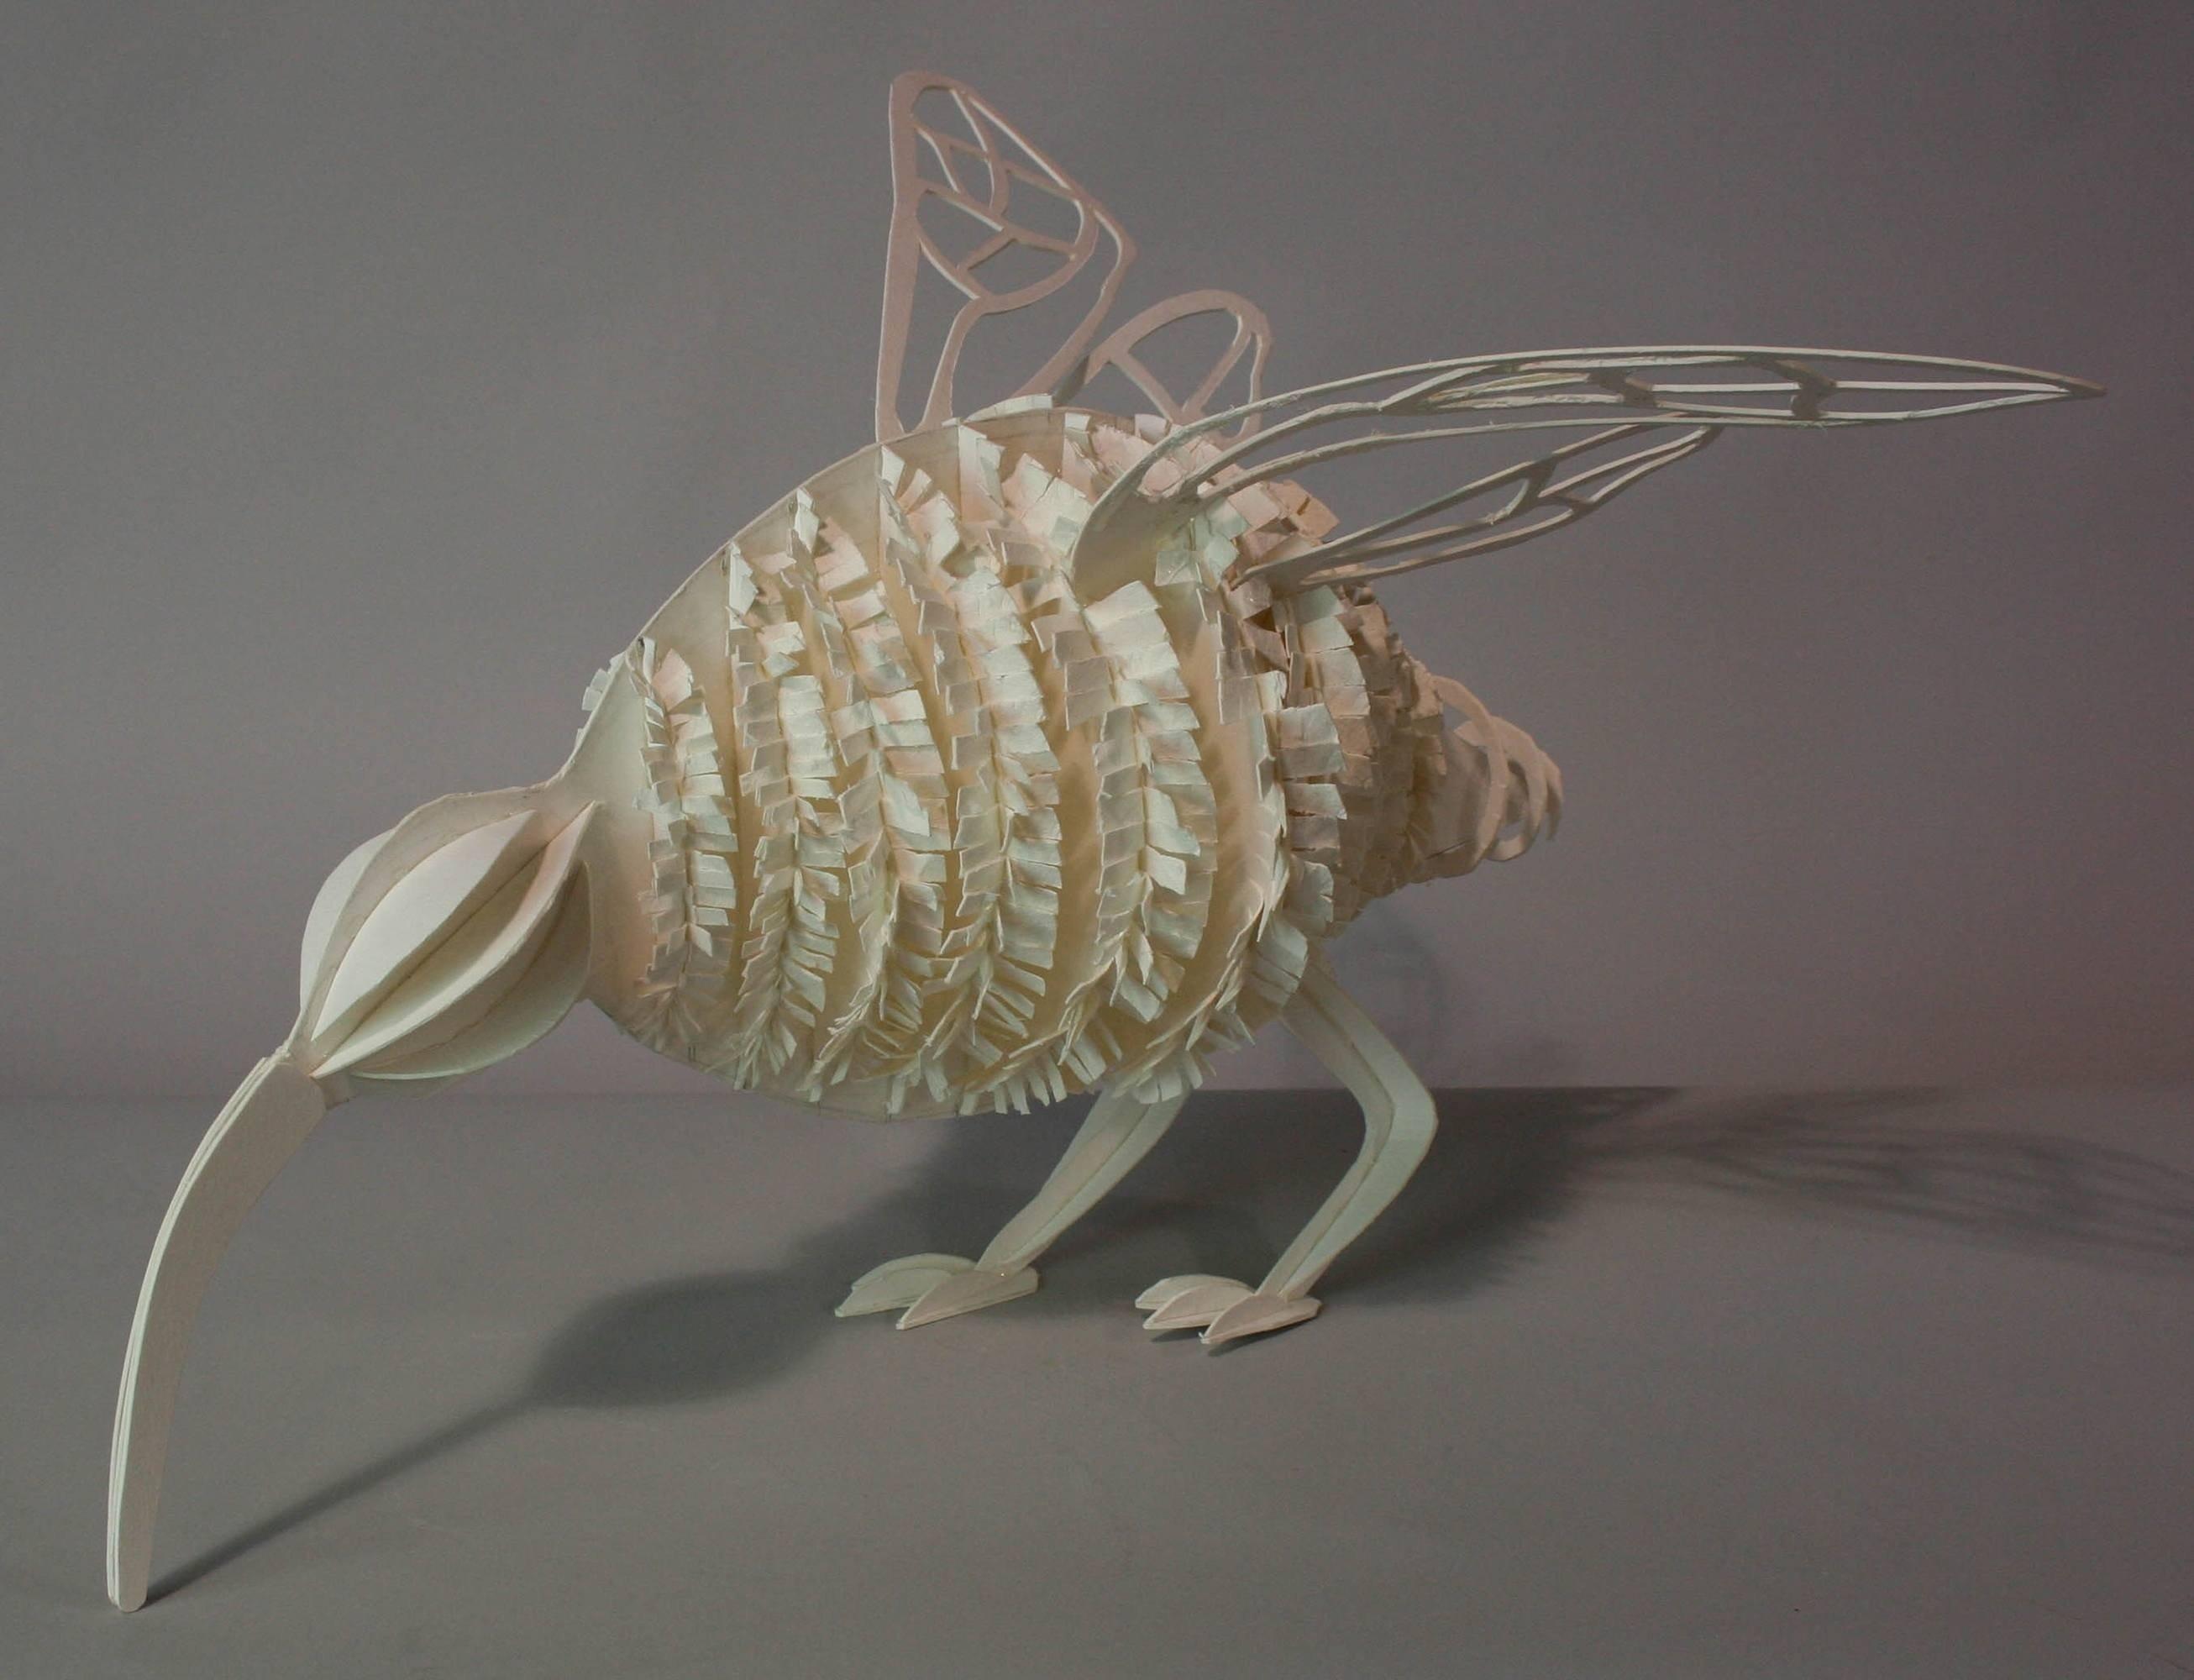 Bird shape art project in cardboard